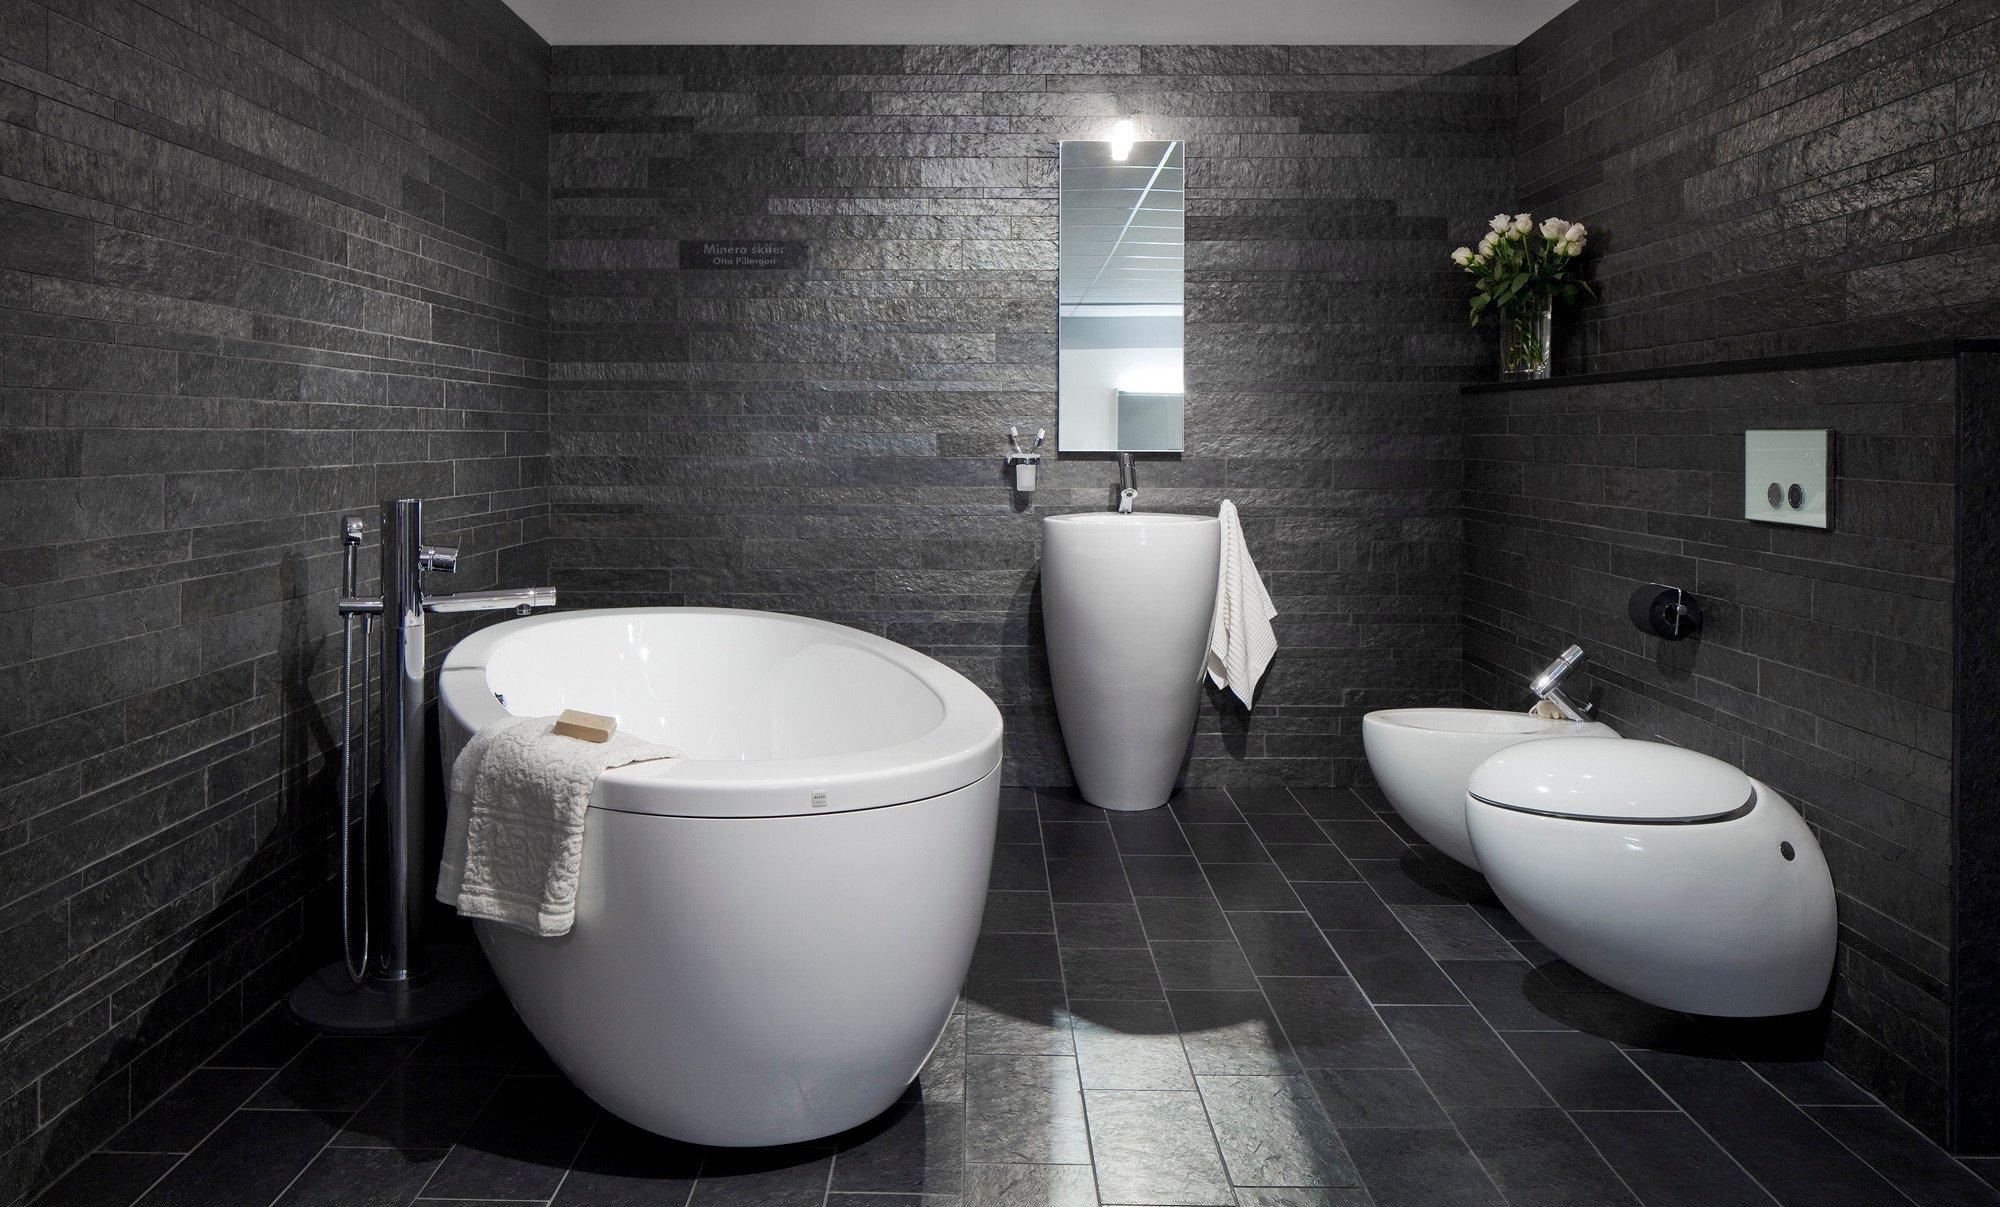 Badezimmer Schiefer schiefer im innen und außenbereich schiefer werkstoff schiefer